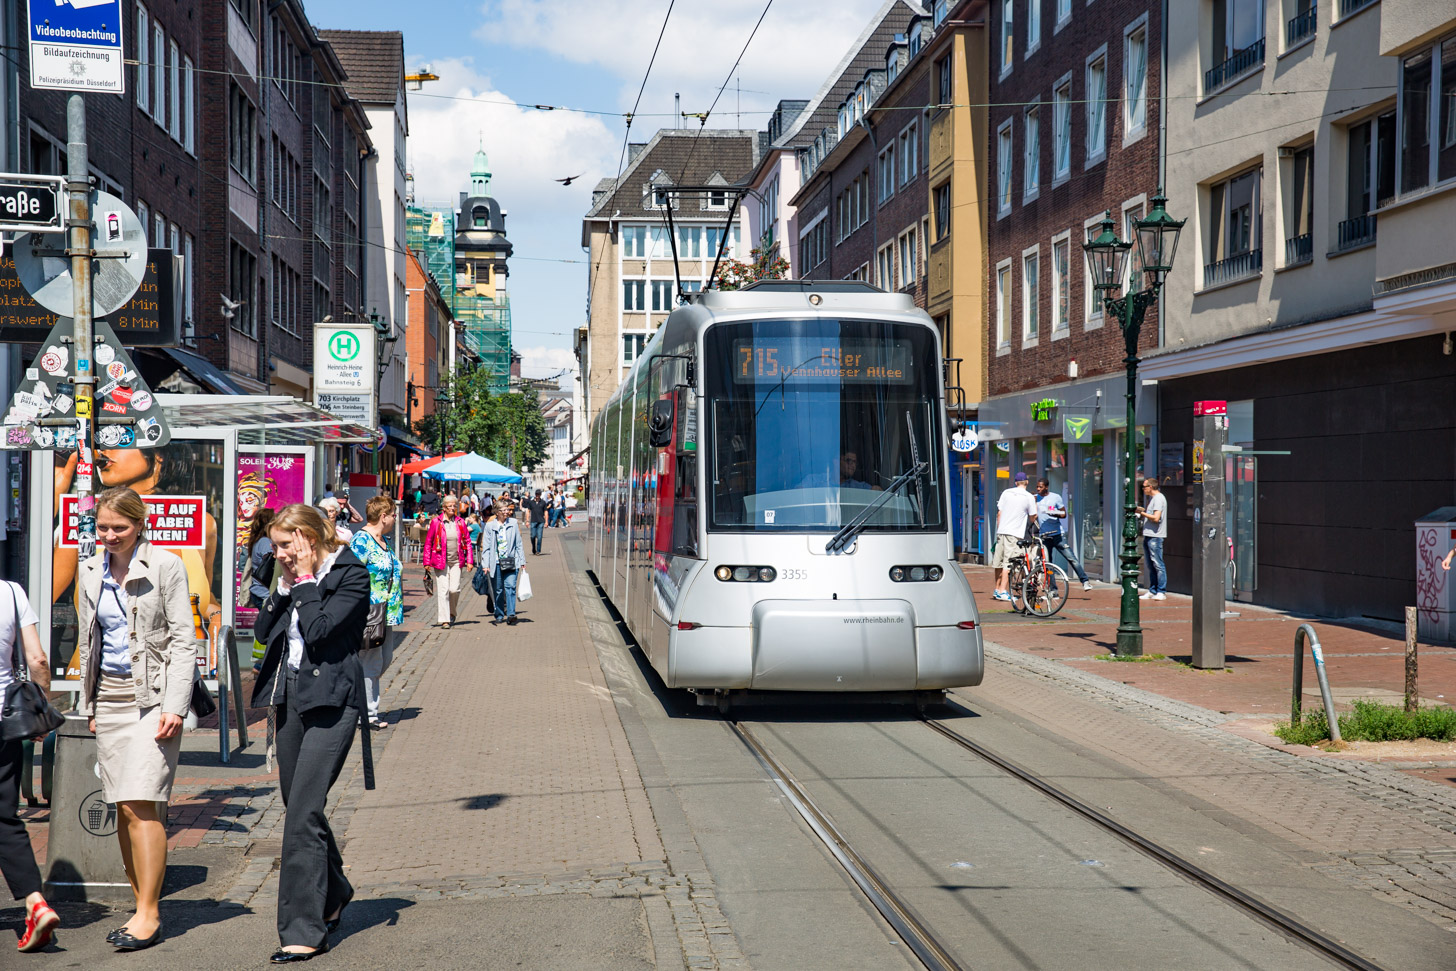 Openbaar vervoer met de tram